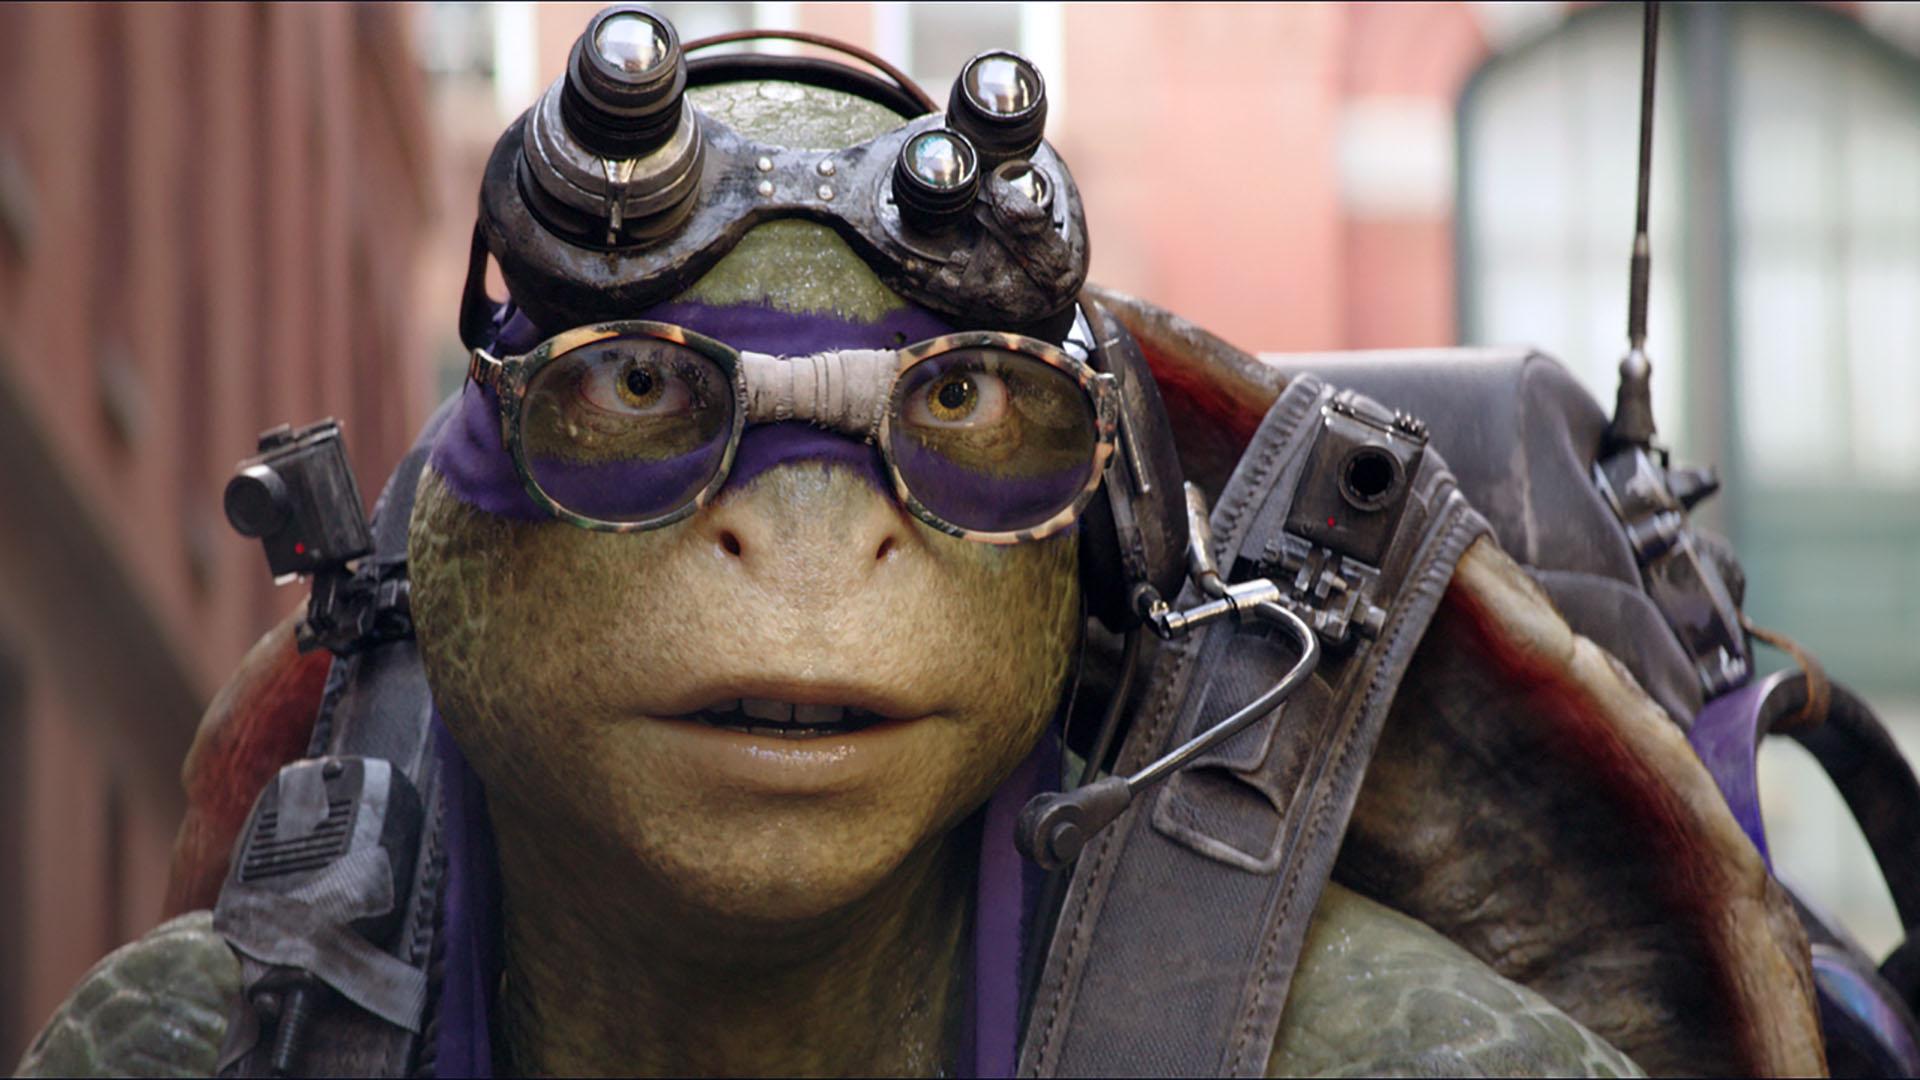 Teenage Mutant Ninja Turtles – After